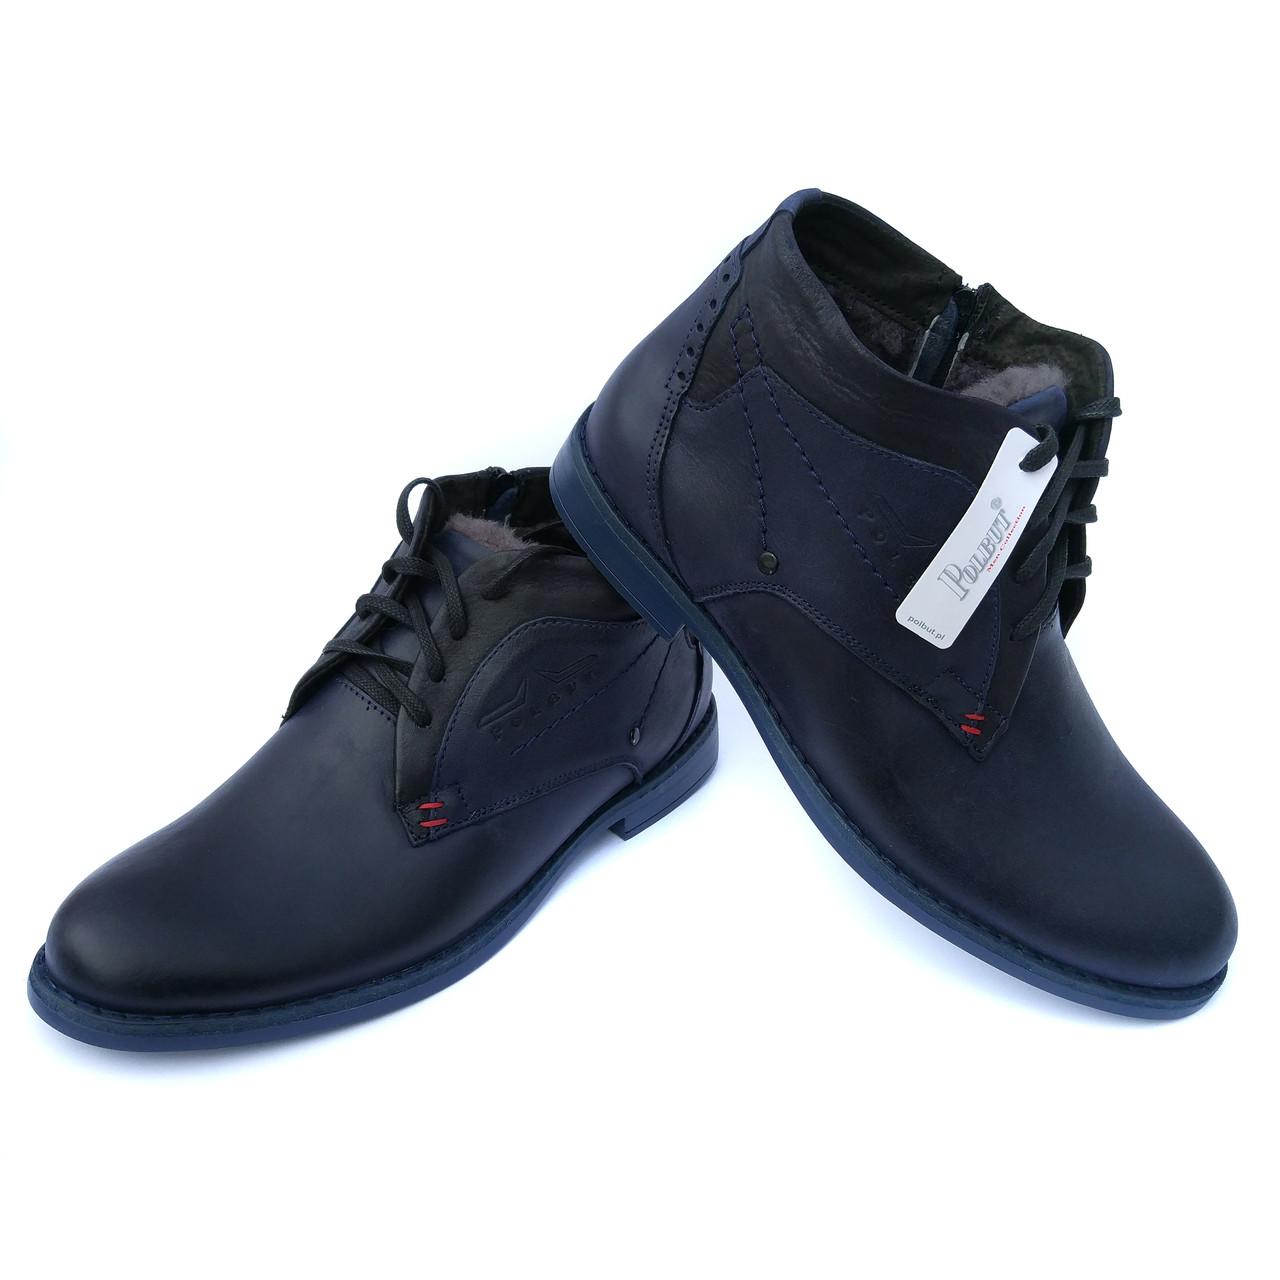 c0a5dcb821b Польская Зимняя Обувь  Мужские Кожаные Ботинки